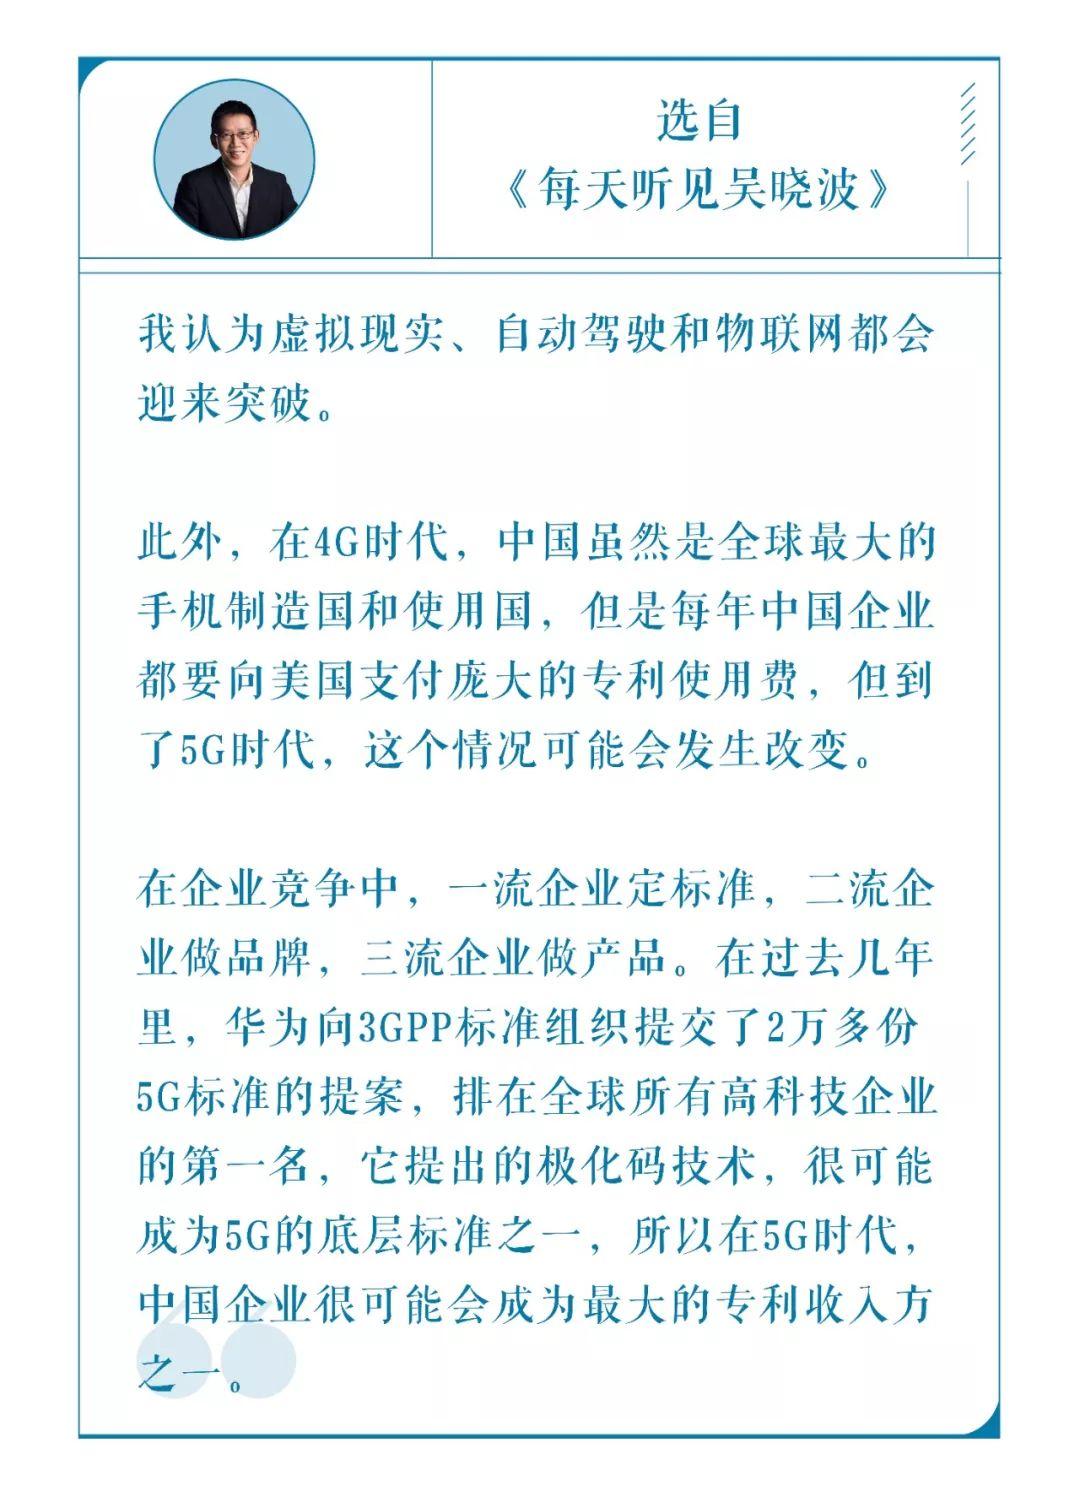 澳门银河今日线路·香港5G网络将起动 首批频谱12月开始接受申请